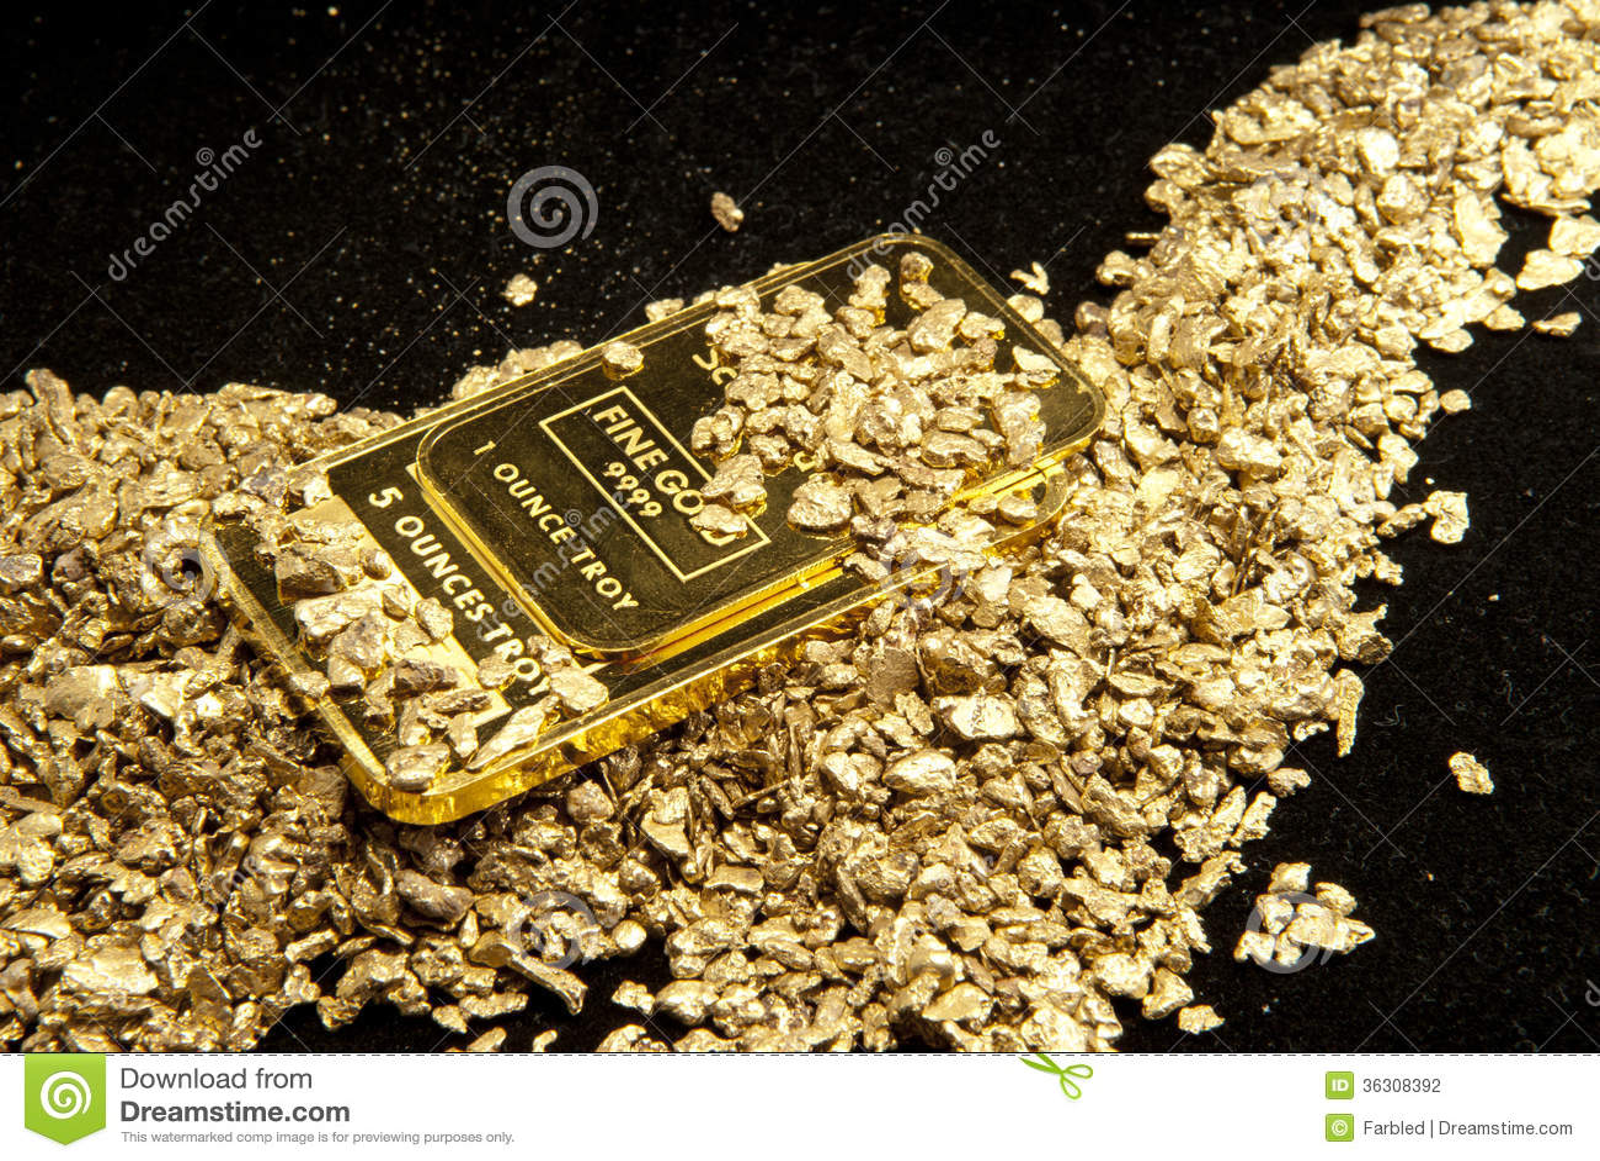 Guld i mynt, klumpar och tackor